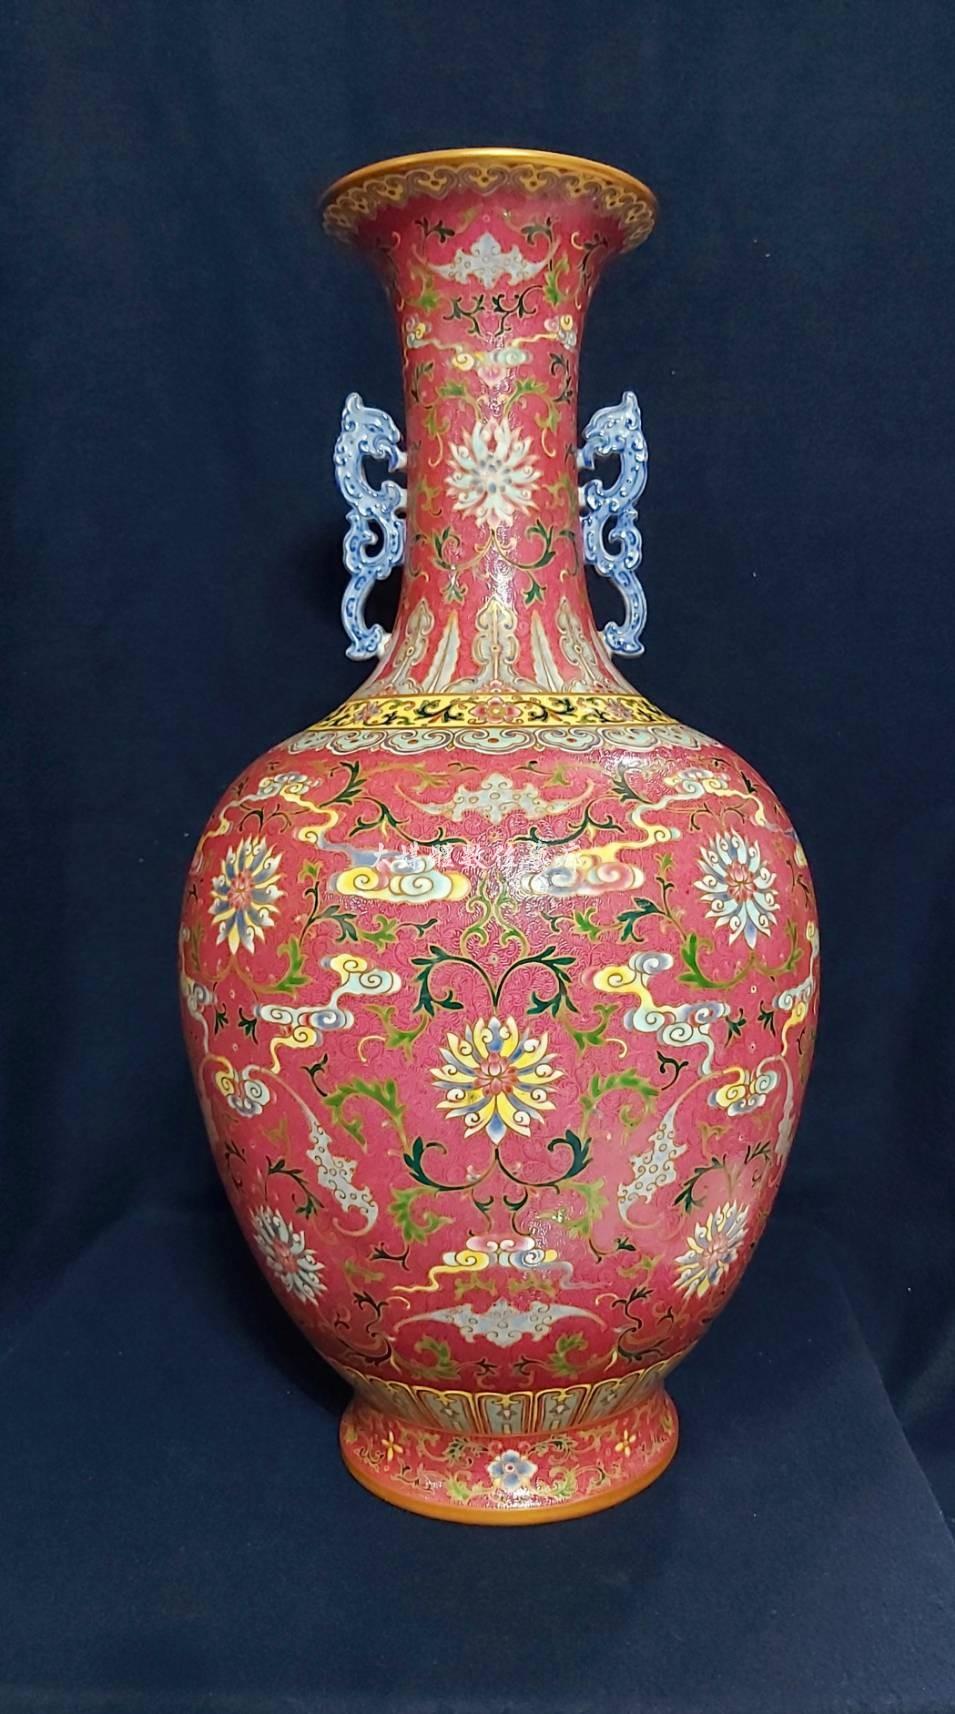 清乾隆古物 乾隆粉彩胭脂紅軋道福壽萬年紋螭耳瓶